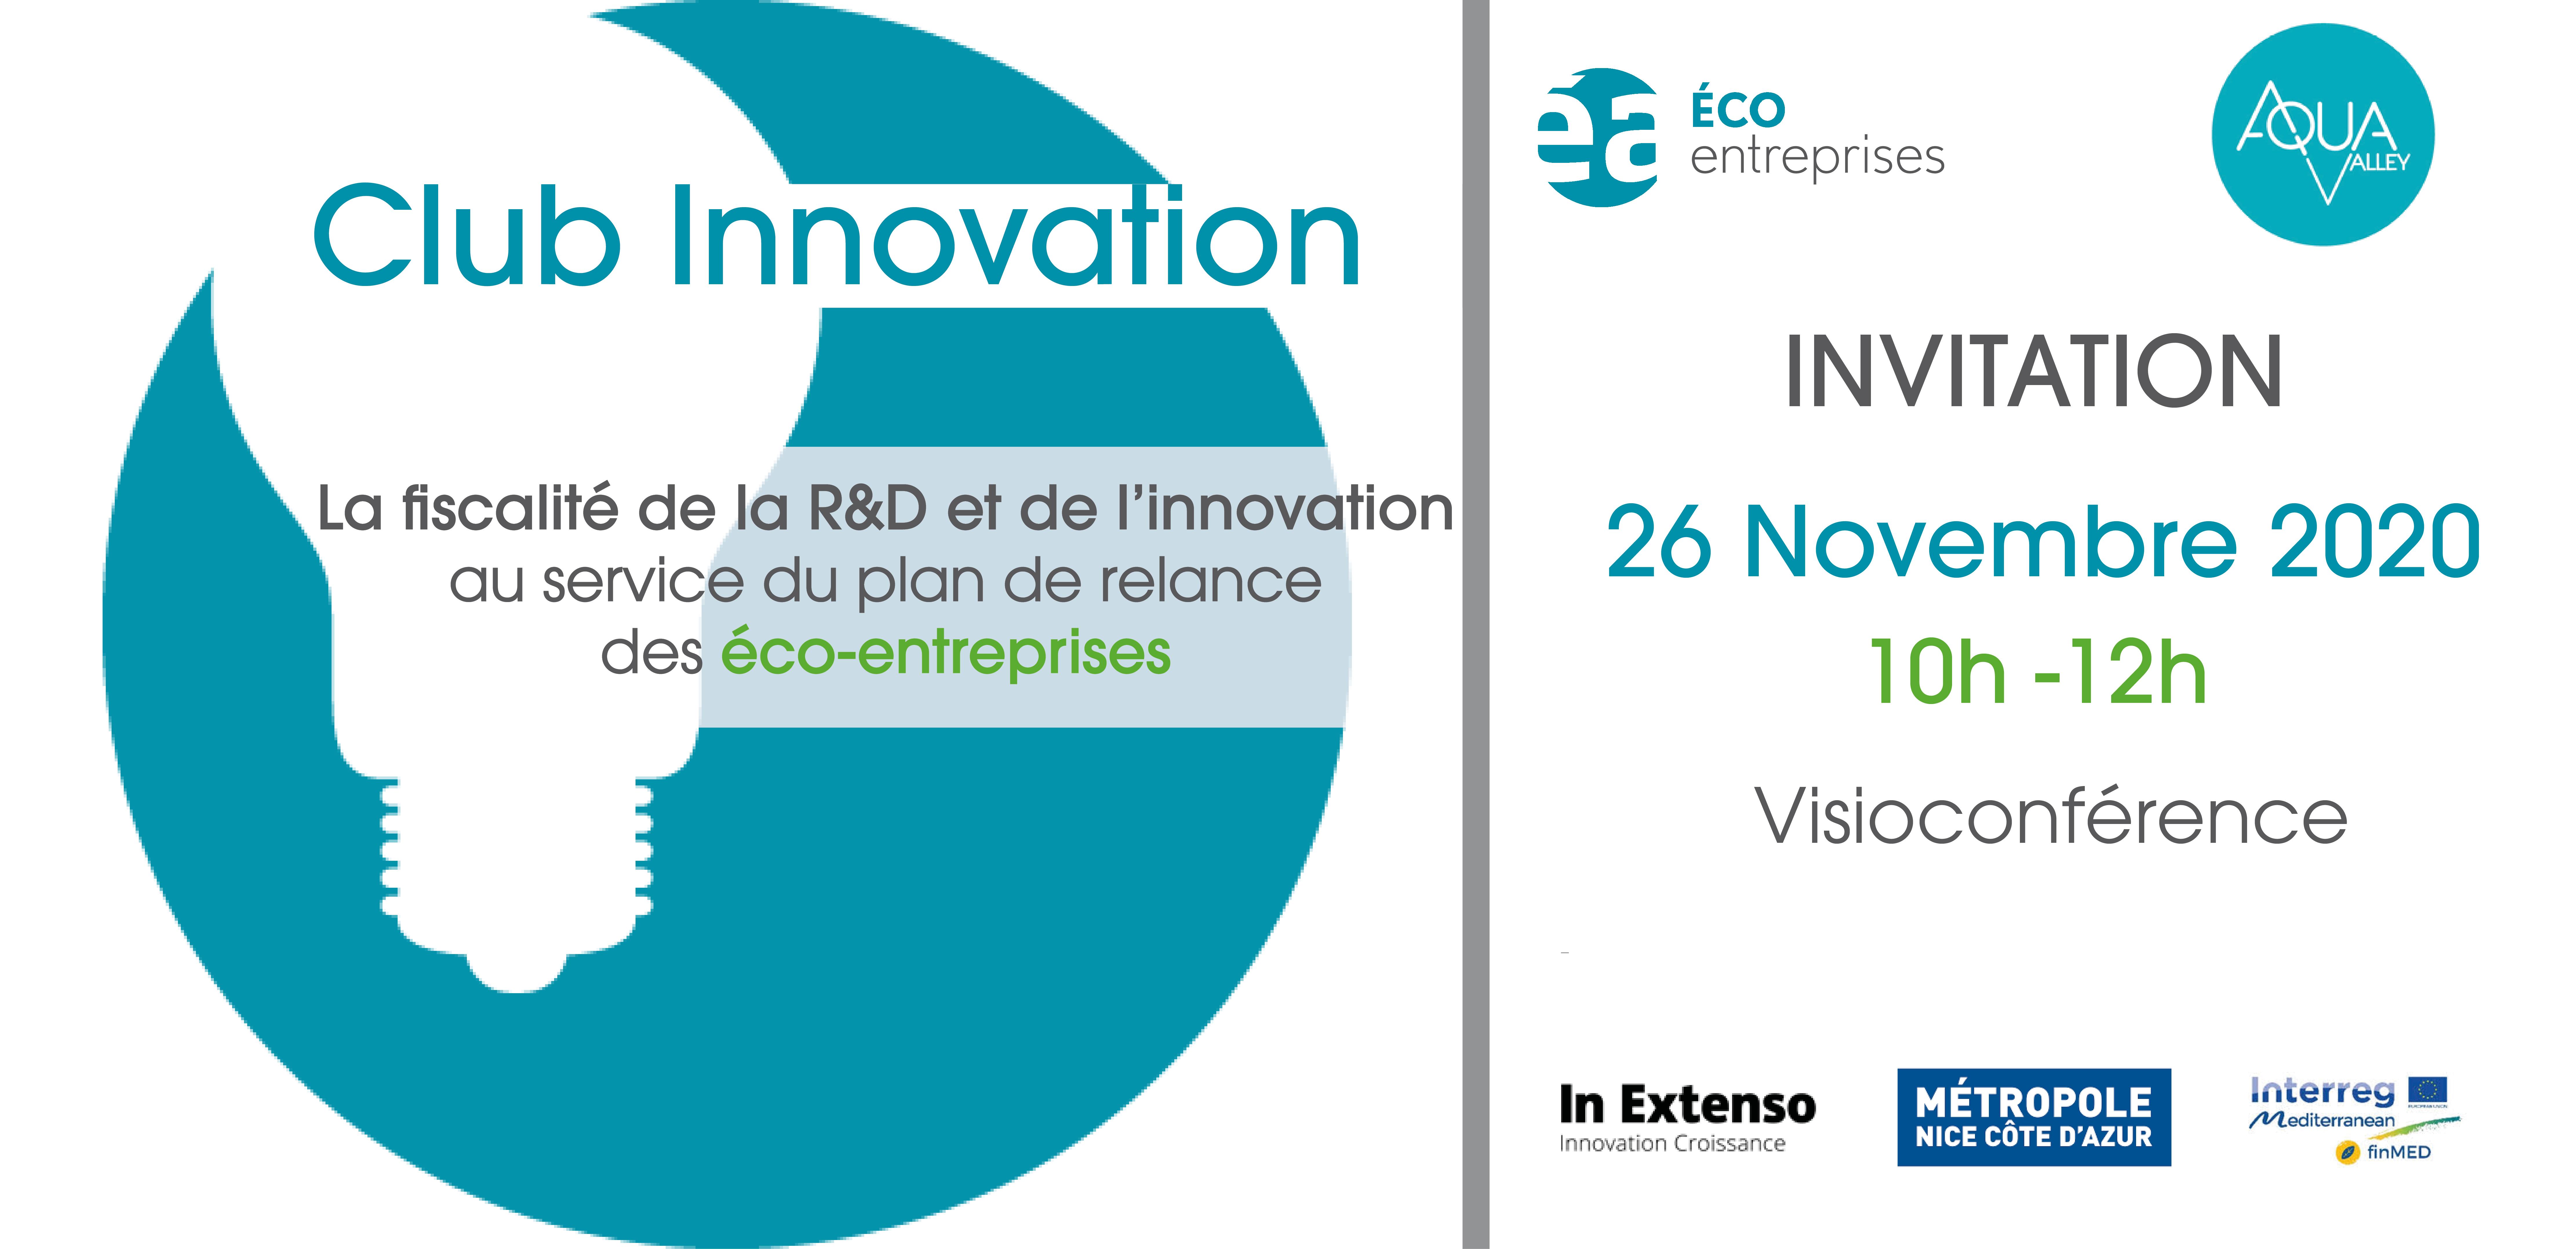 [CLUB INNOVATION] La fiscalité de la R&D et de l'innovation au service du plan de relance des éco-entreprises